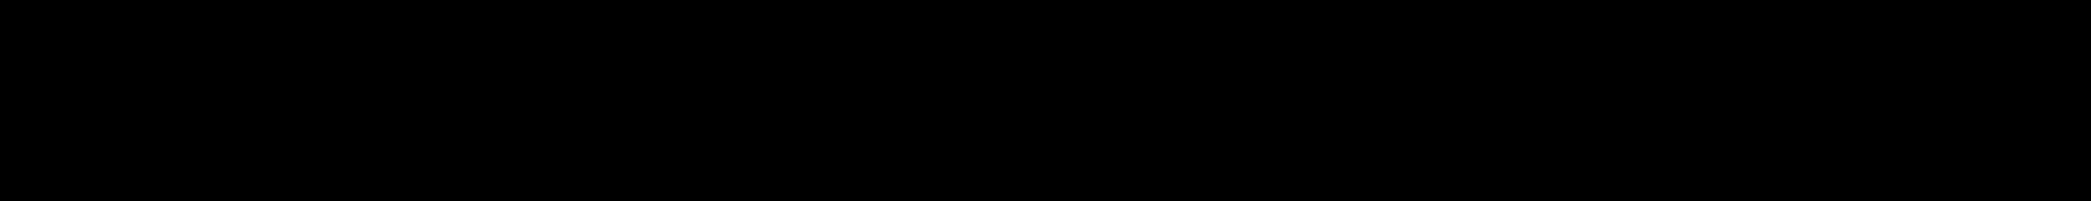 Nikaia Script Medium